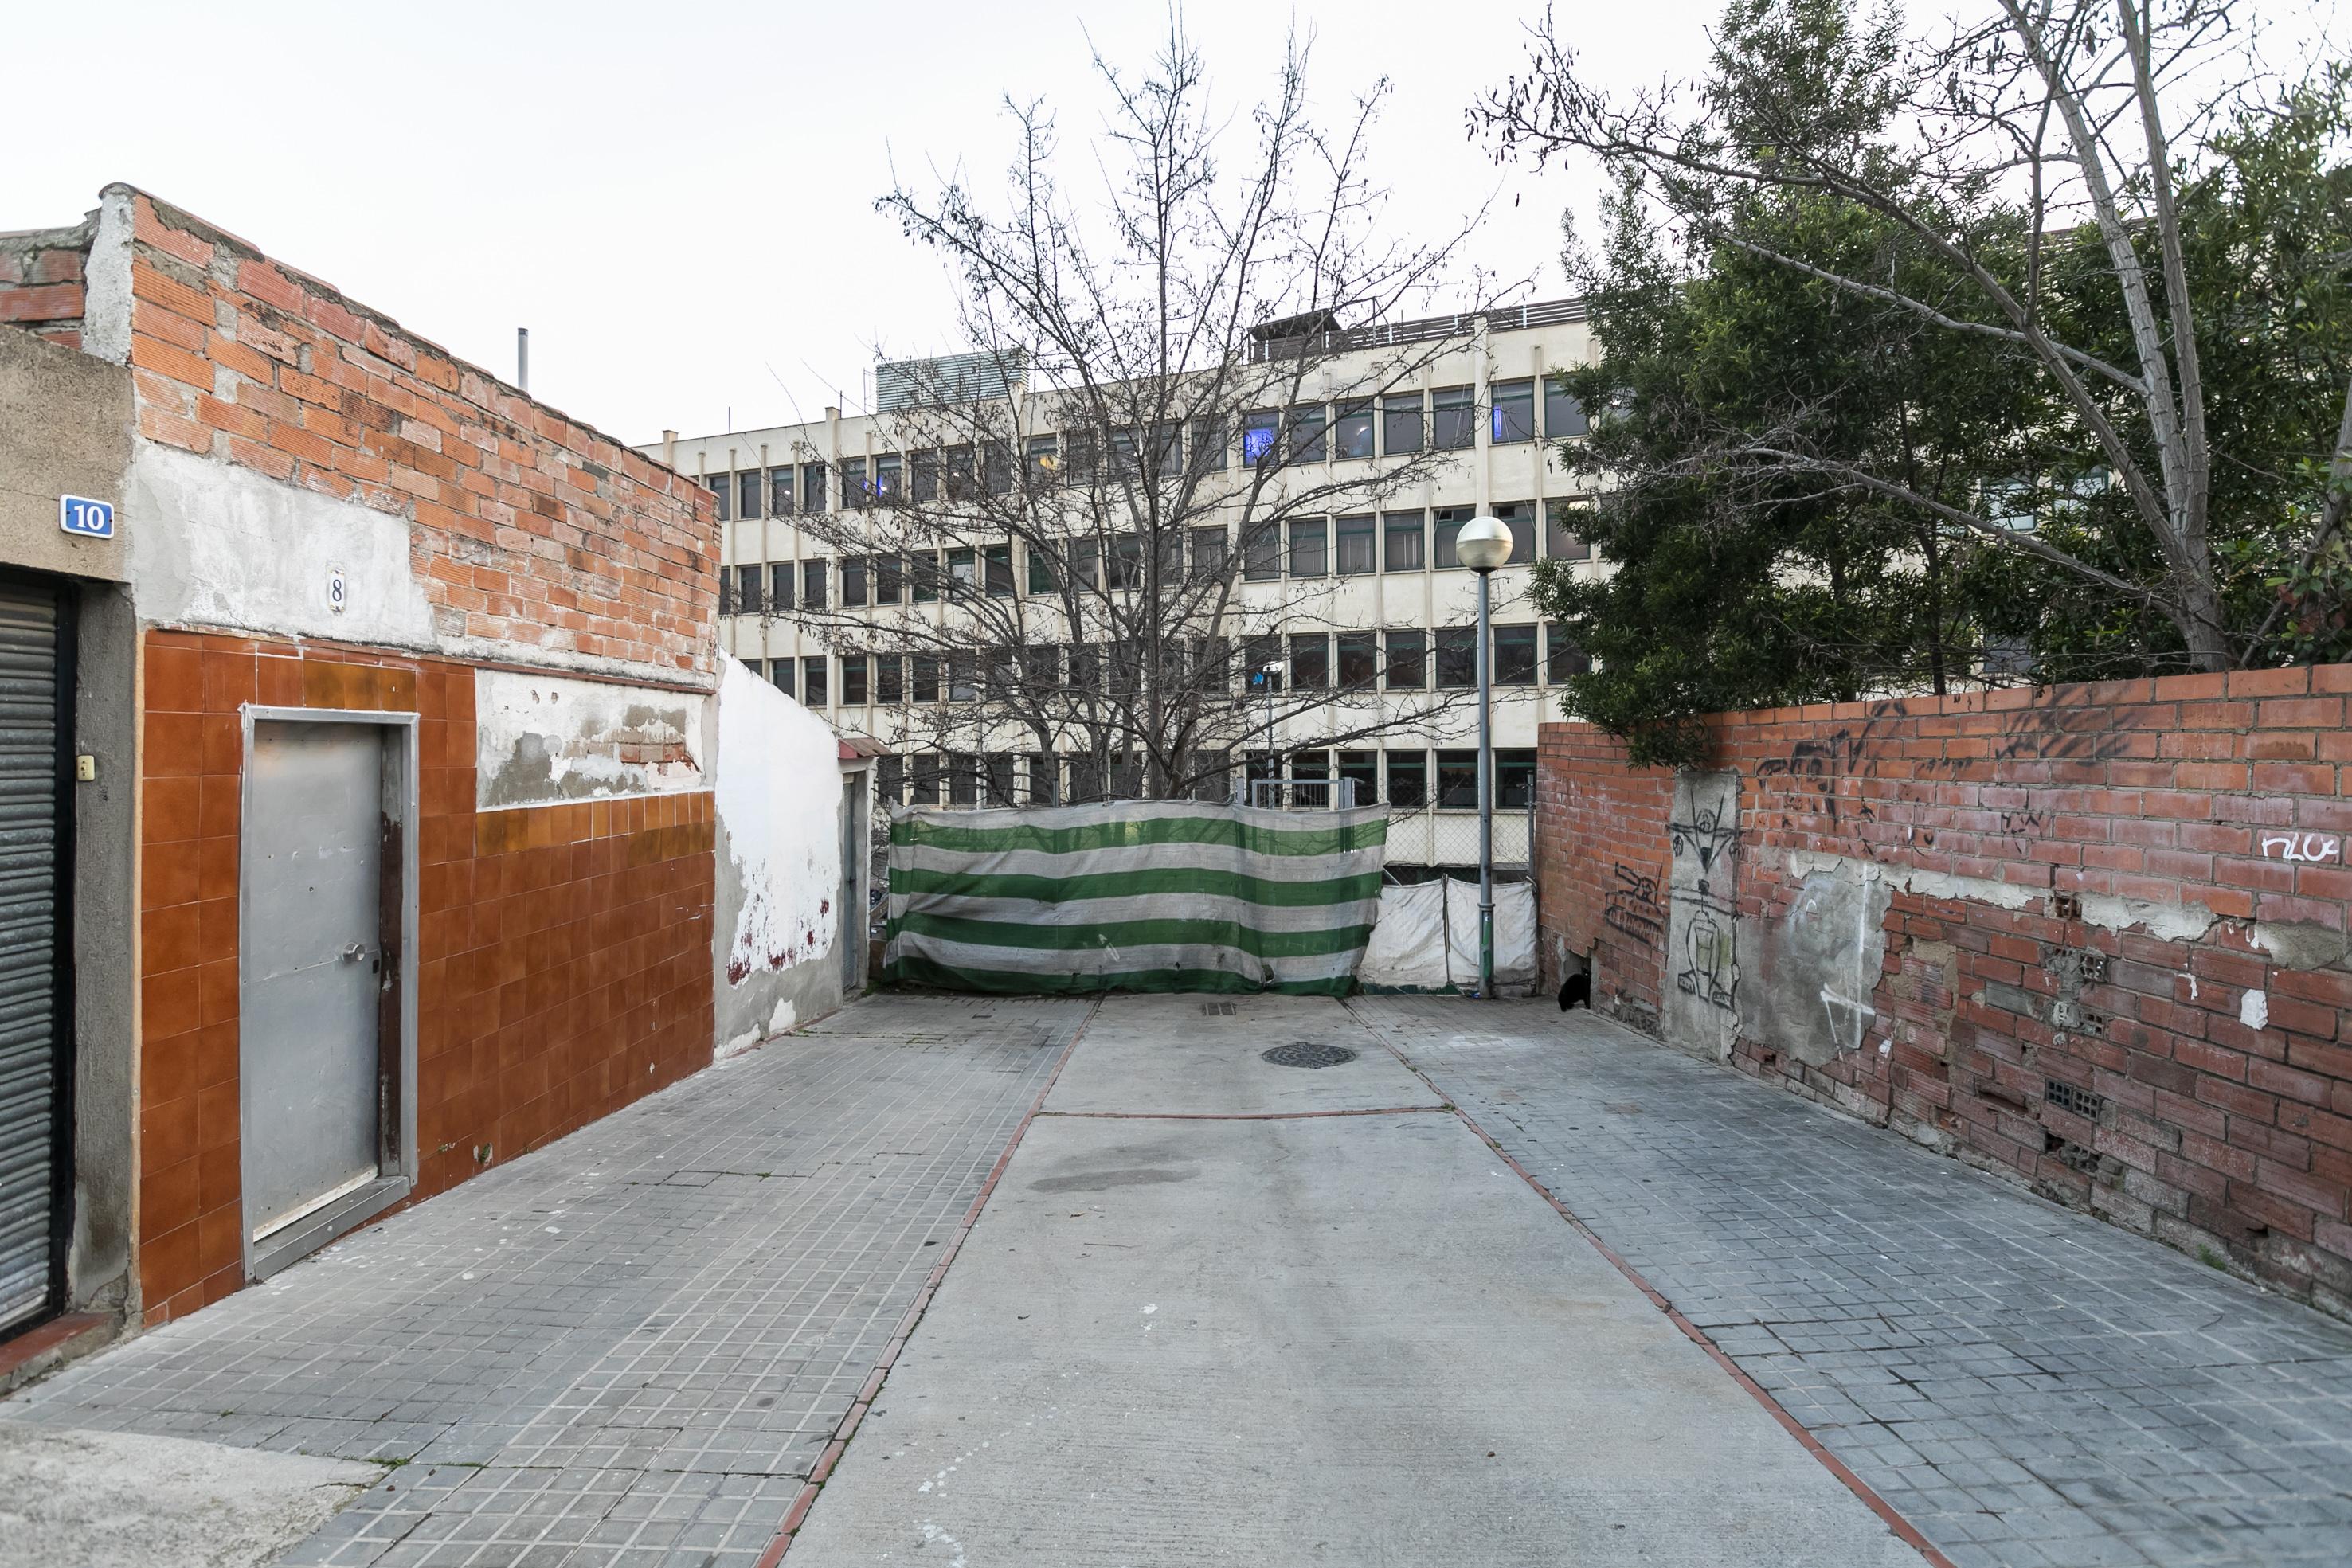 Comença la construcció d'unes escales que connectaran el carrer de Góngora amb la carretera de Terrassa